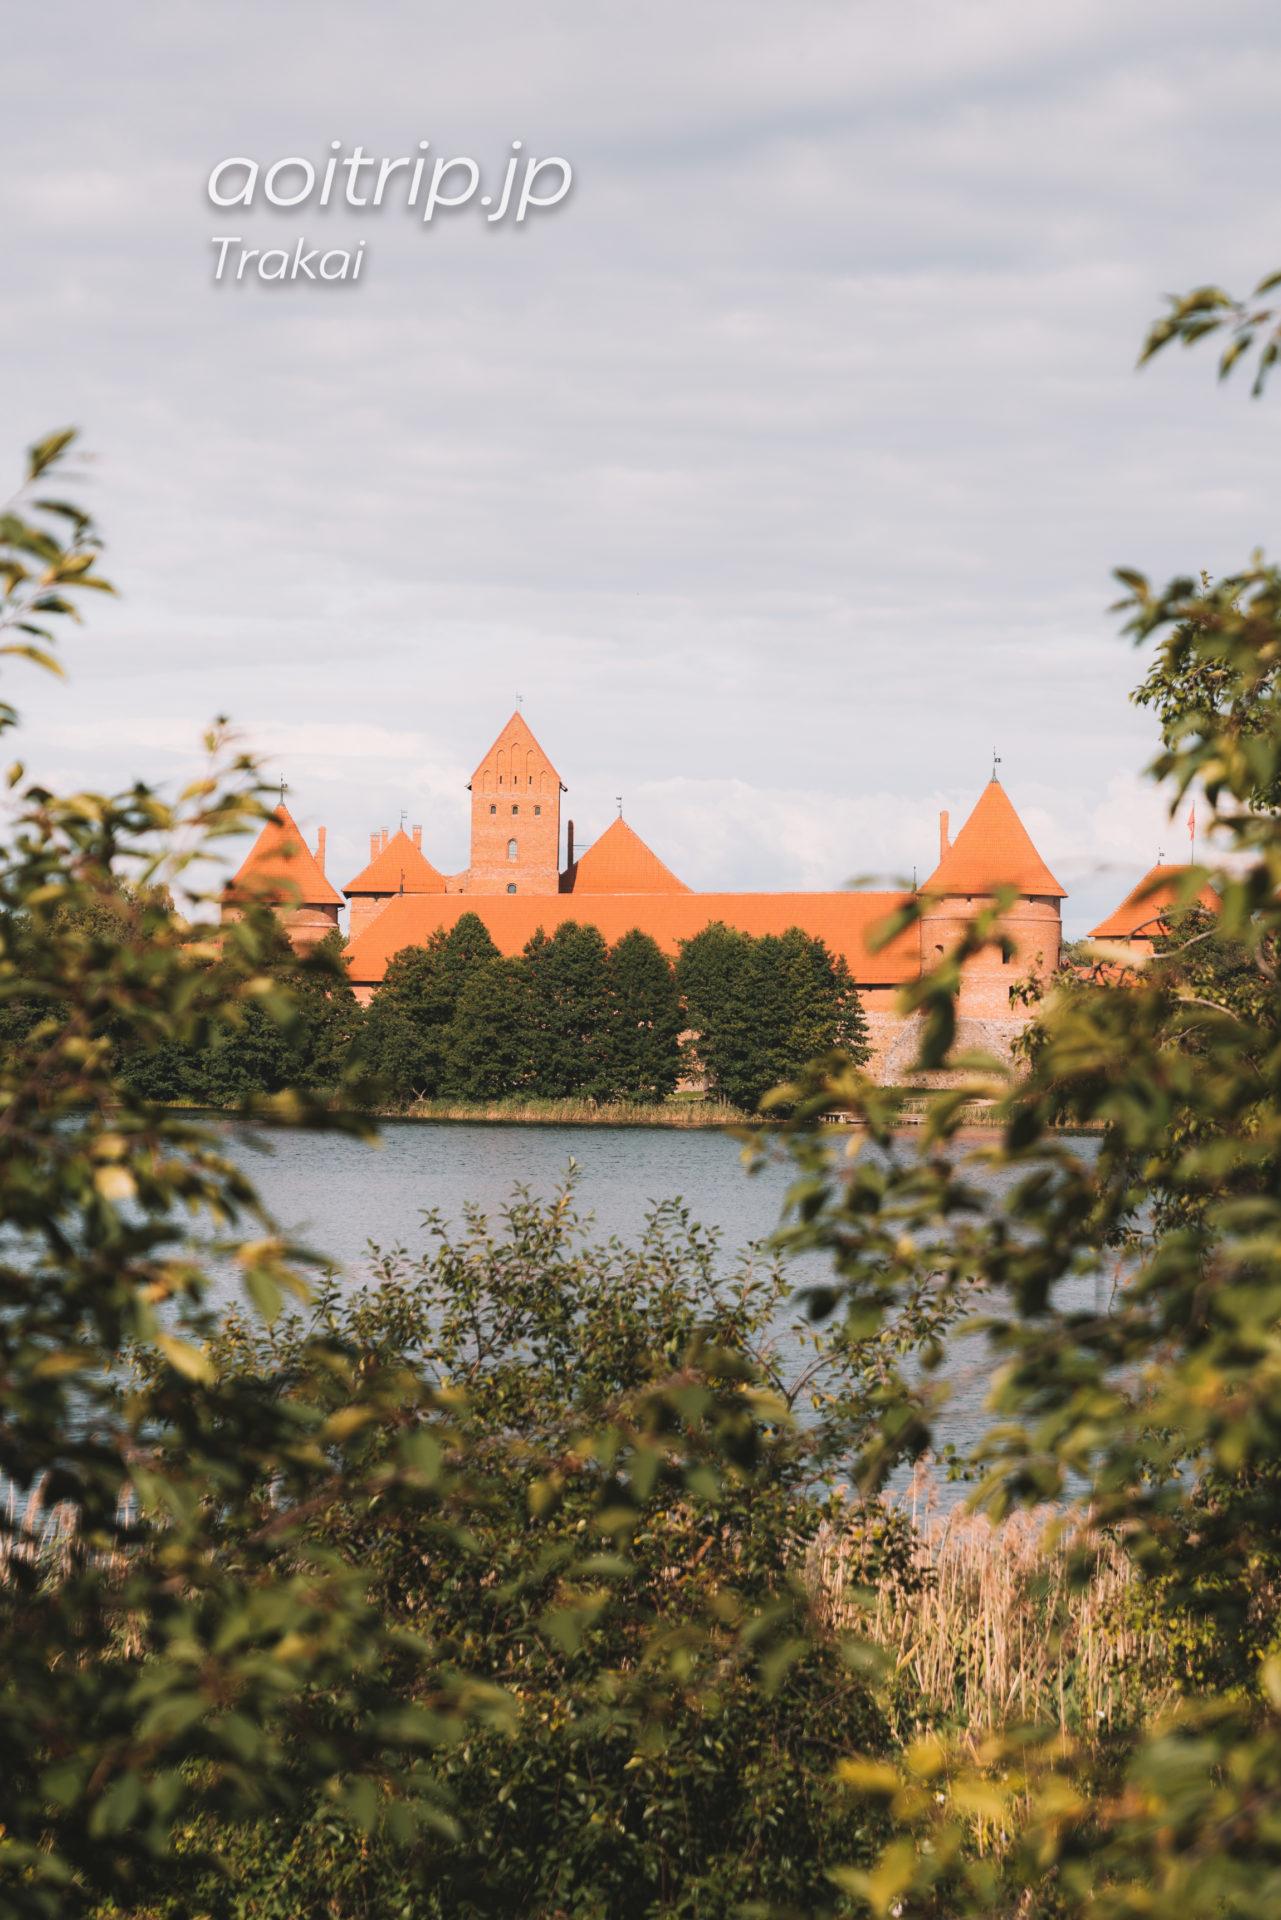 リトアニアのトゥラカイ城